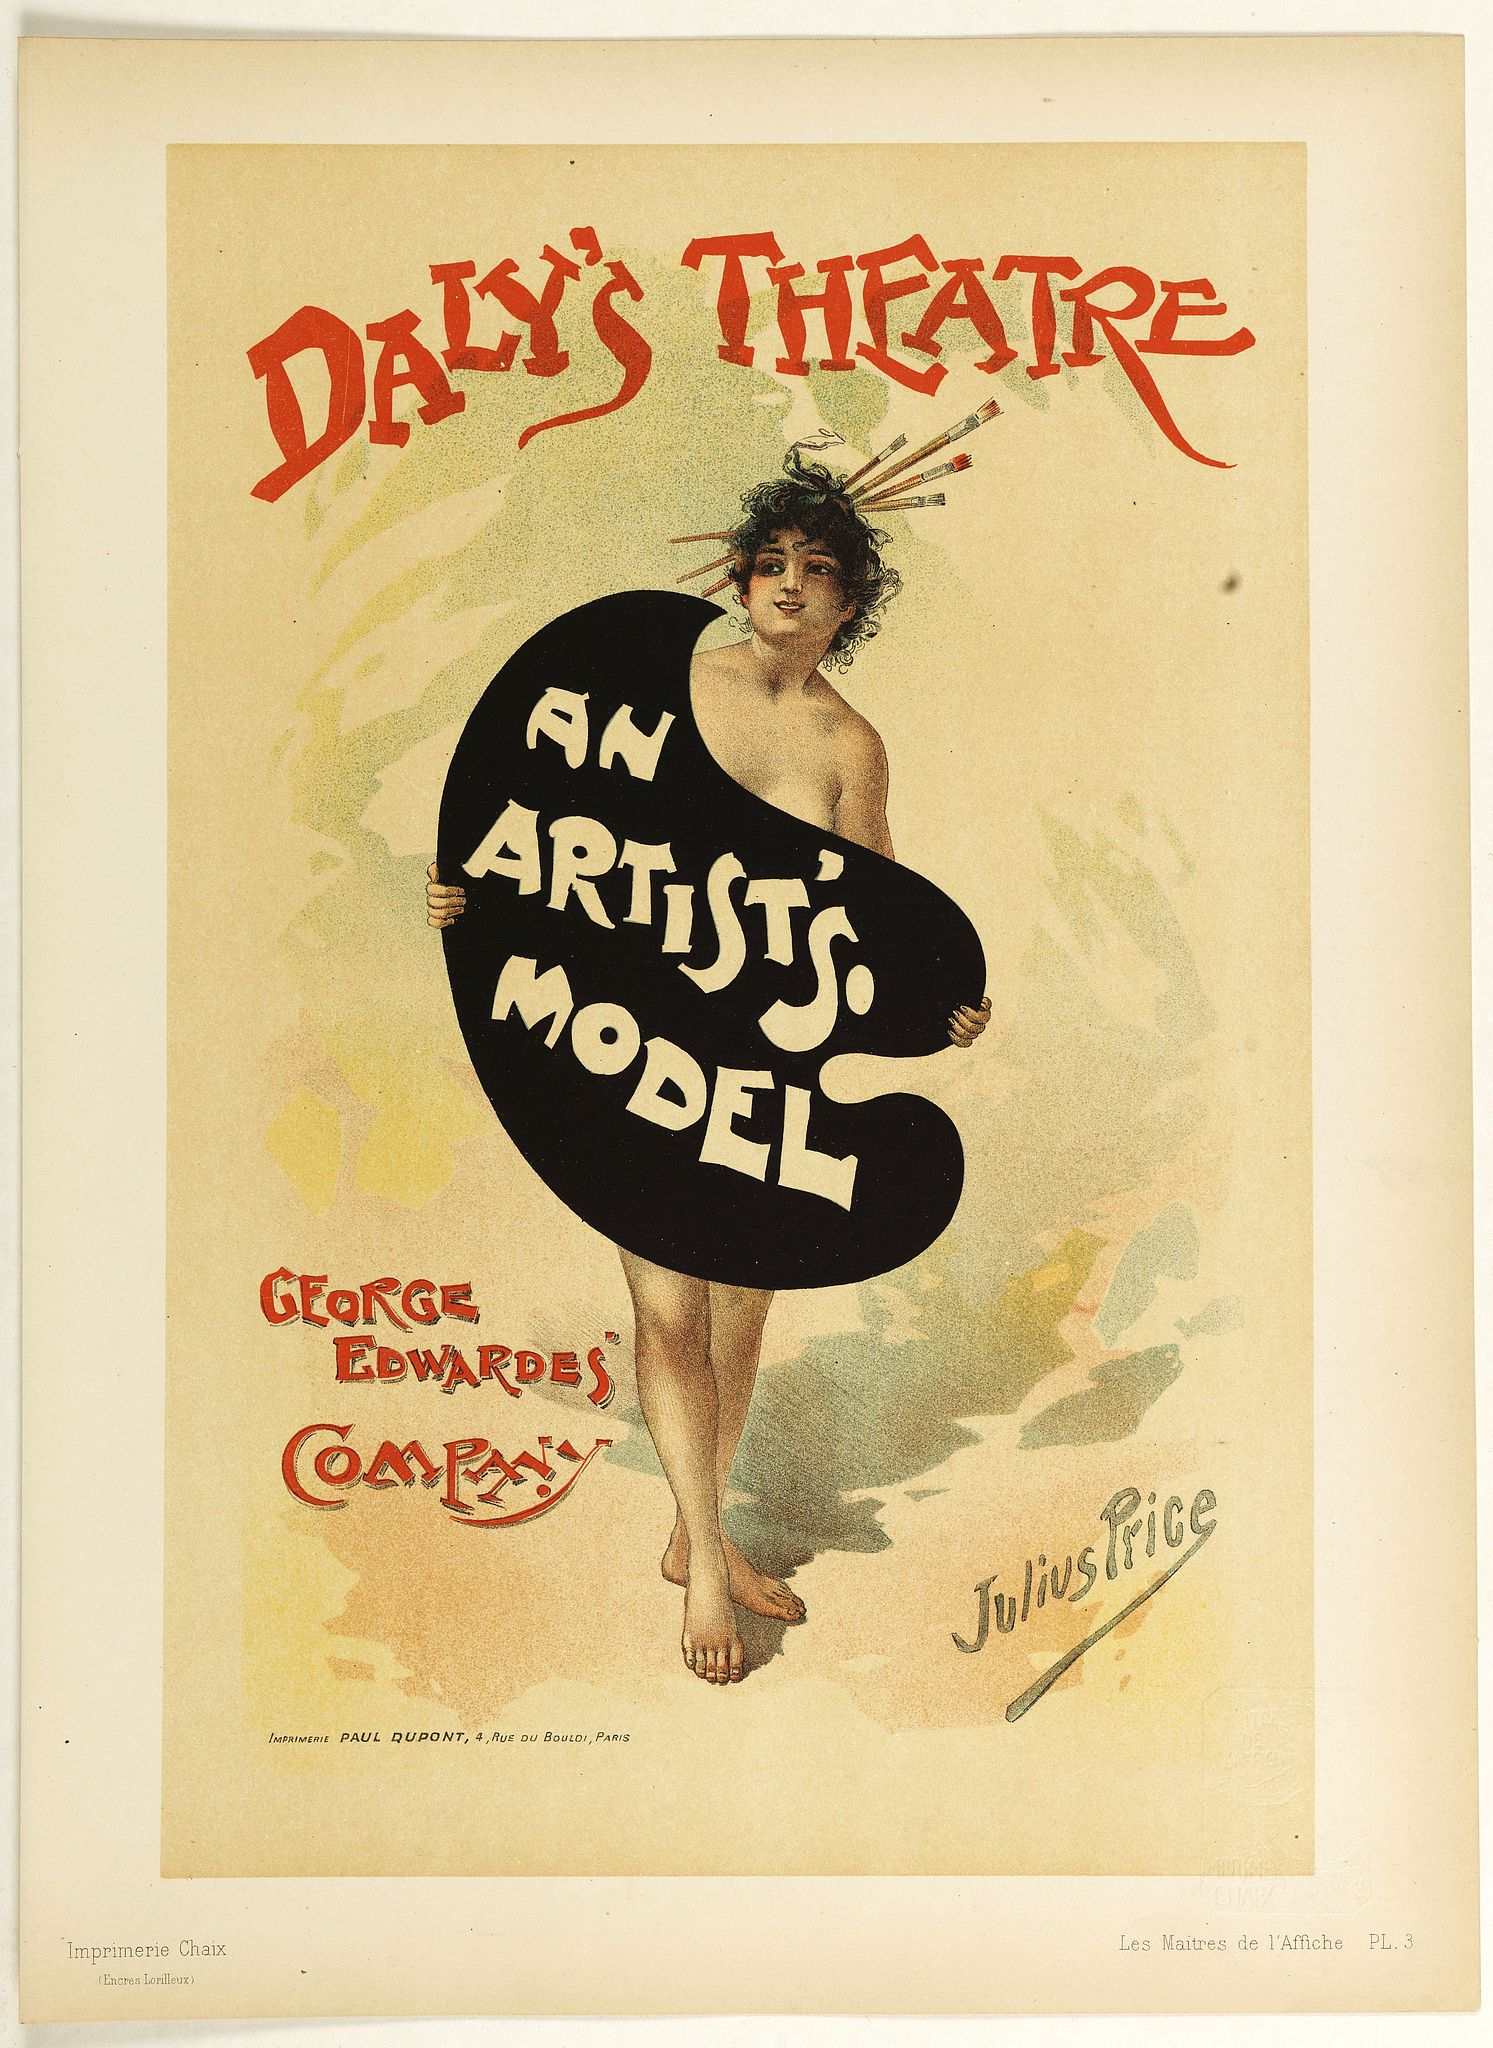 LES MAITRES DE L'AFFICHE -  An Artist's Model.